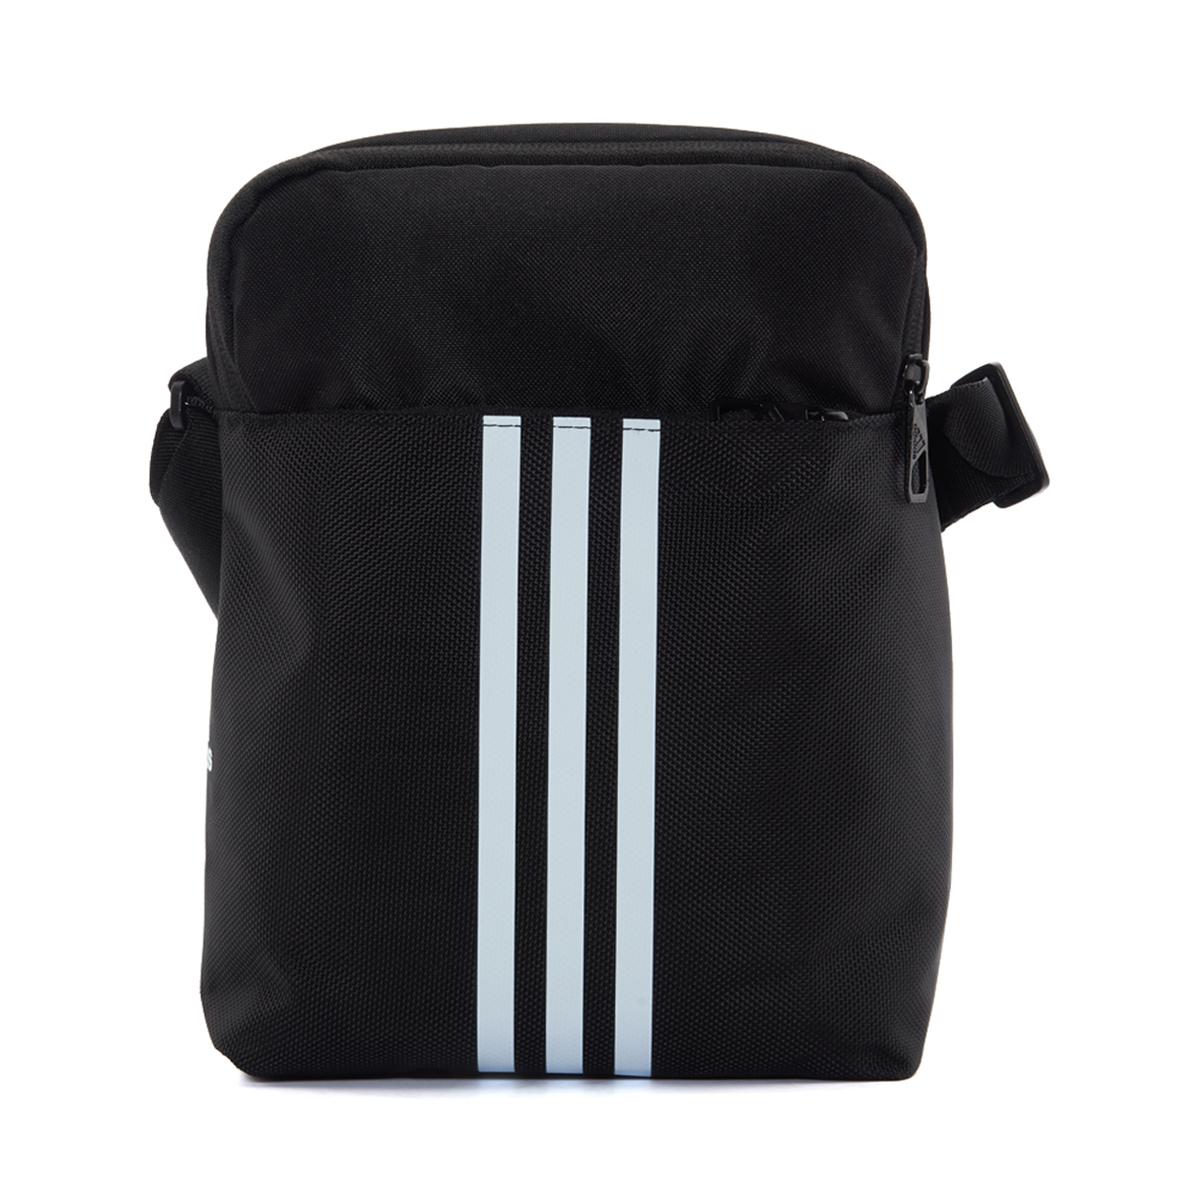 阿迪达斯单肩包 Adidas PLTORG 3 男女款训练运动单肩包FM6881_推荐淘宝好看的女阿迪达斯单肩包